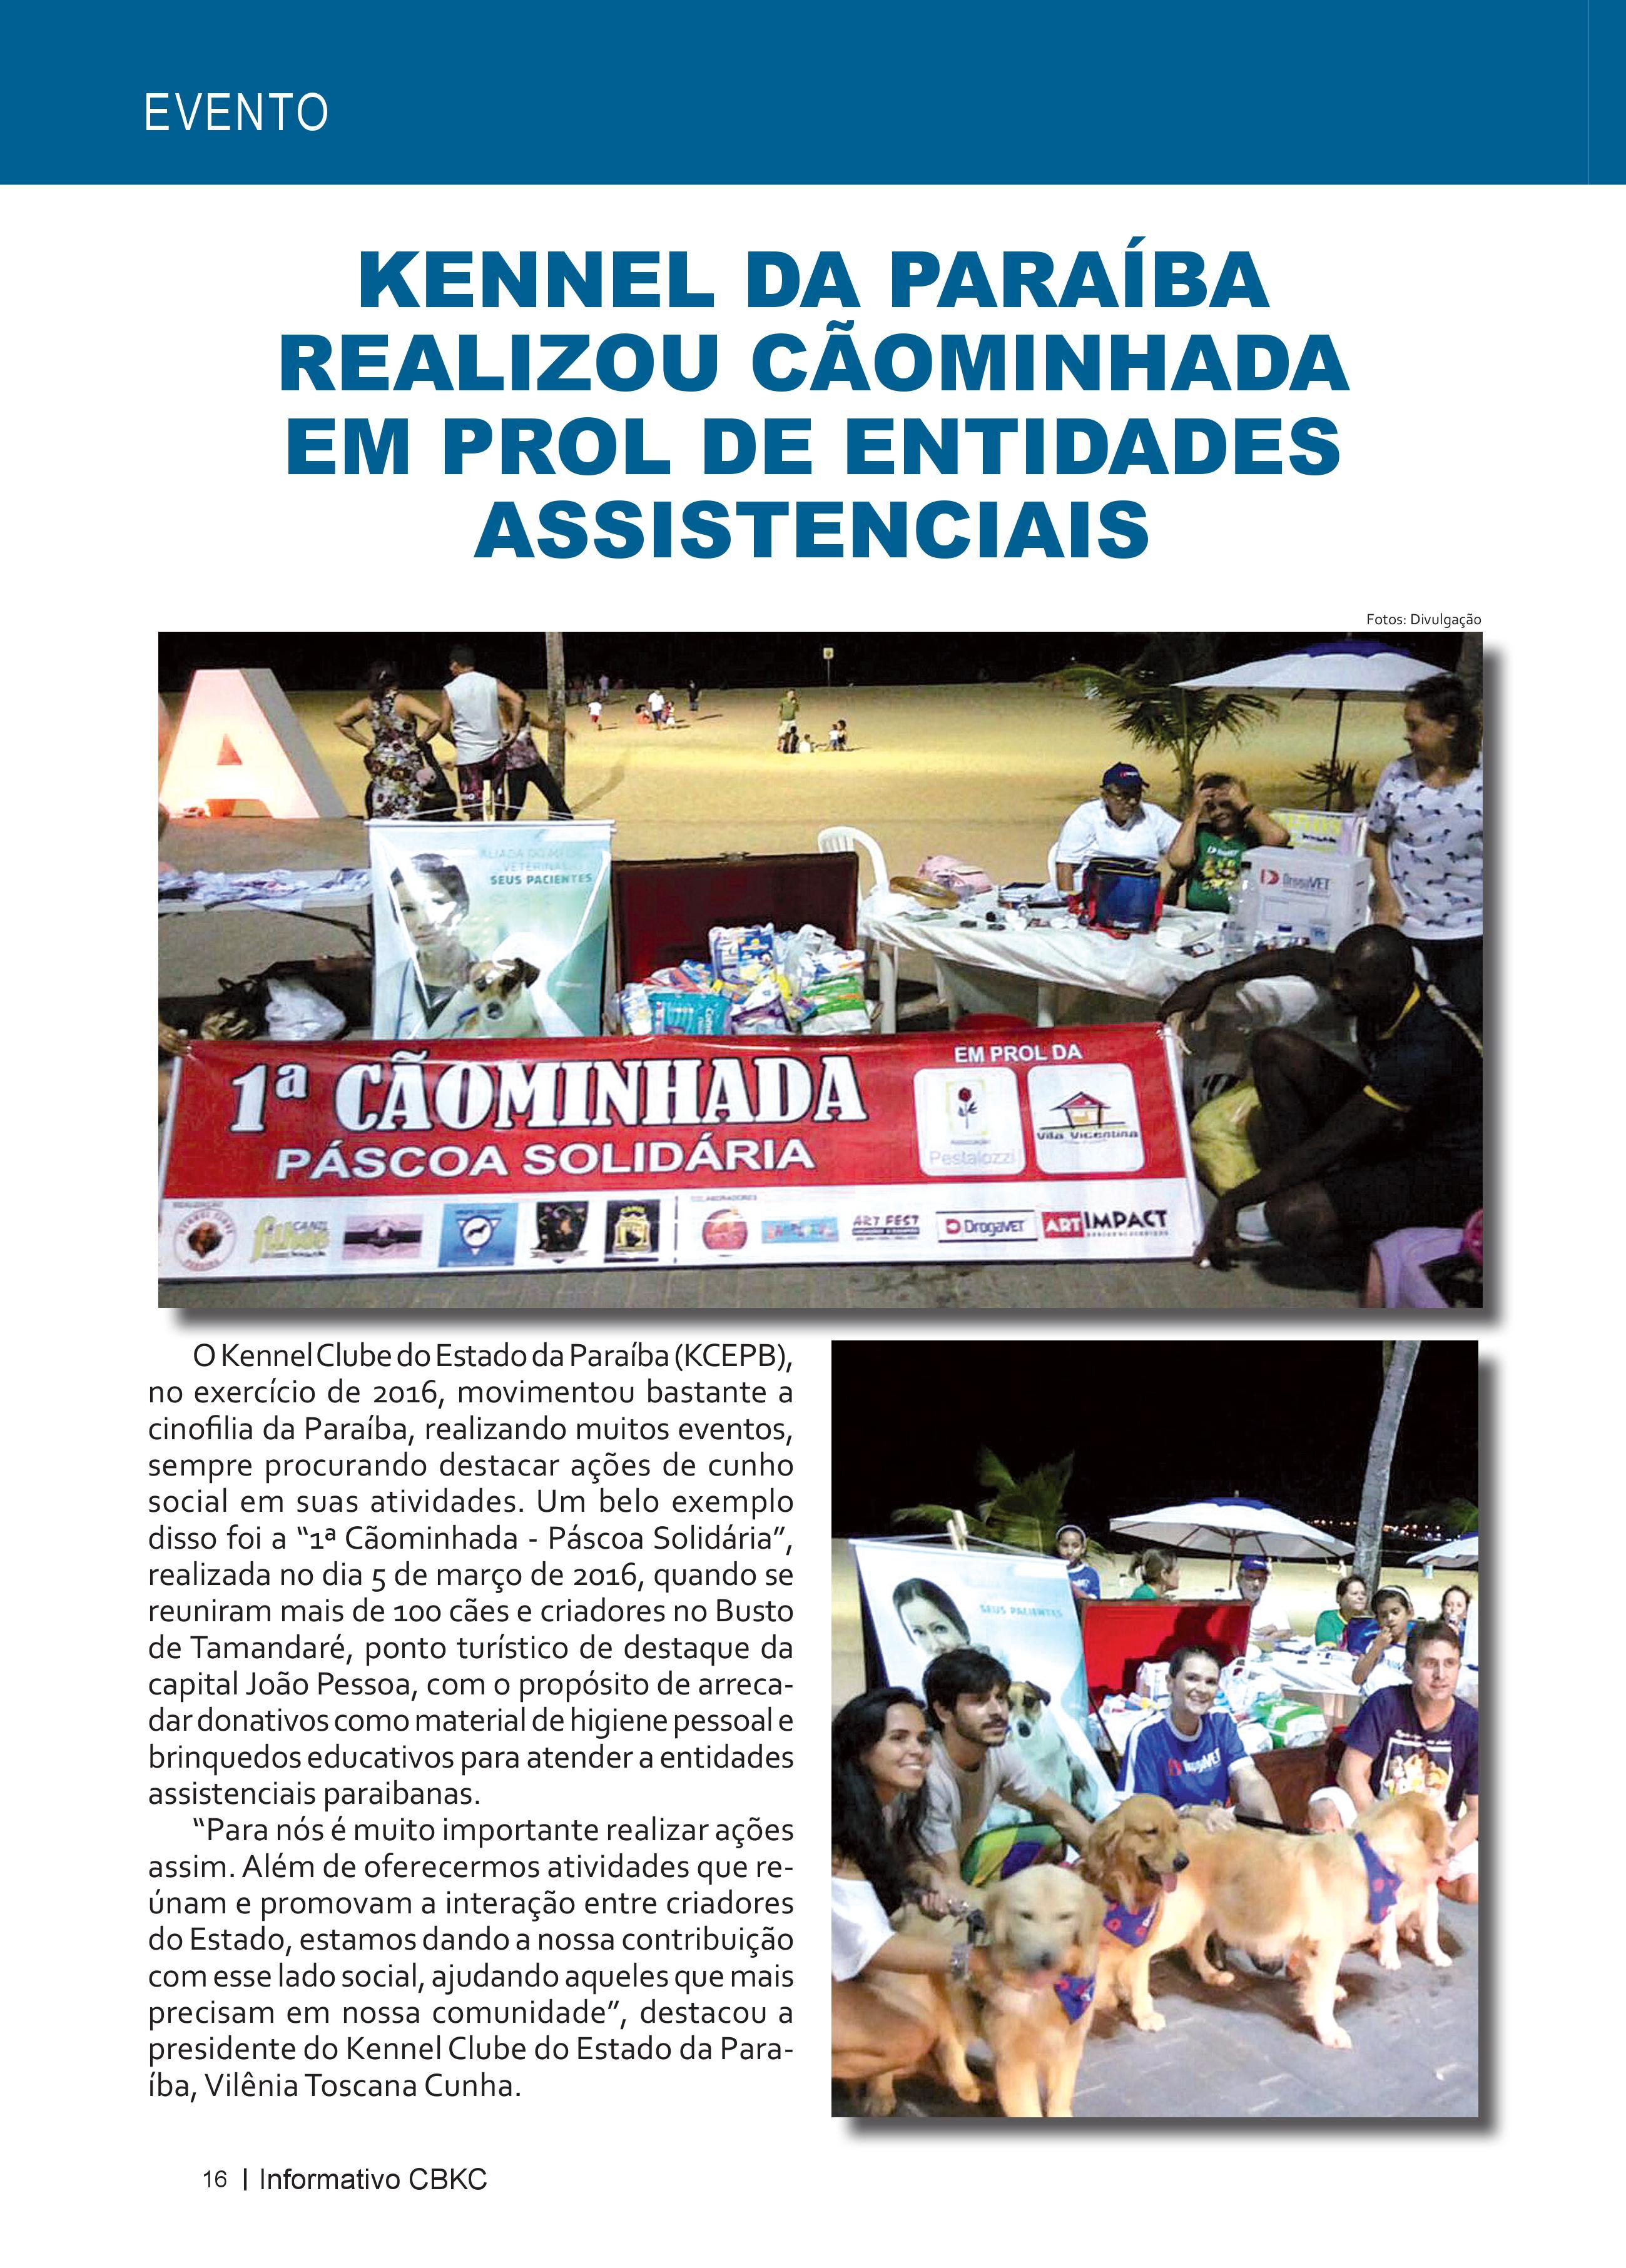 Pagina 16| Edição 52 do Informativo CBKC